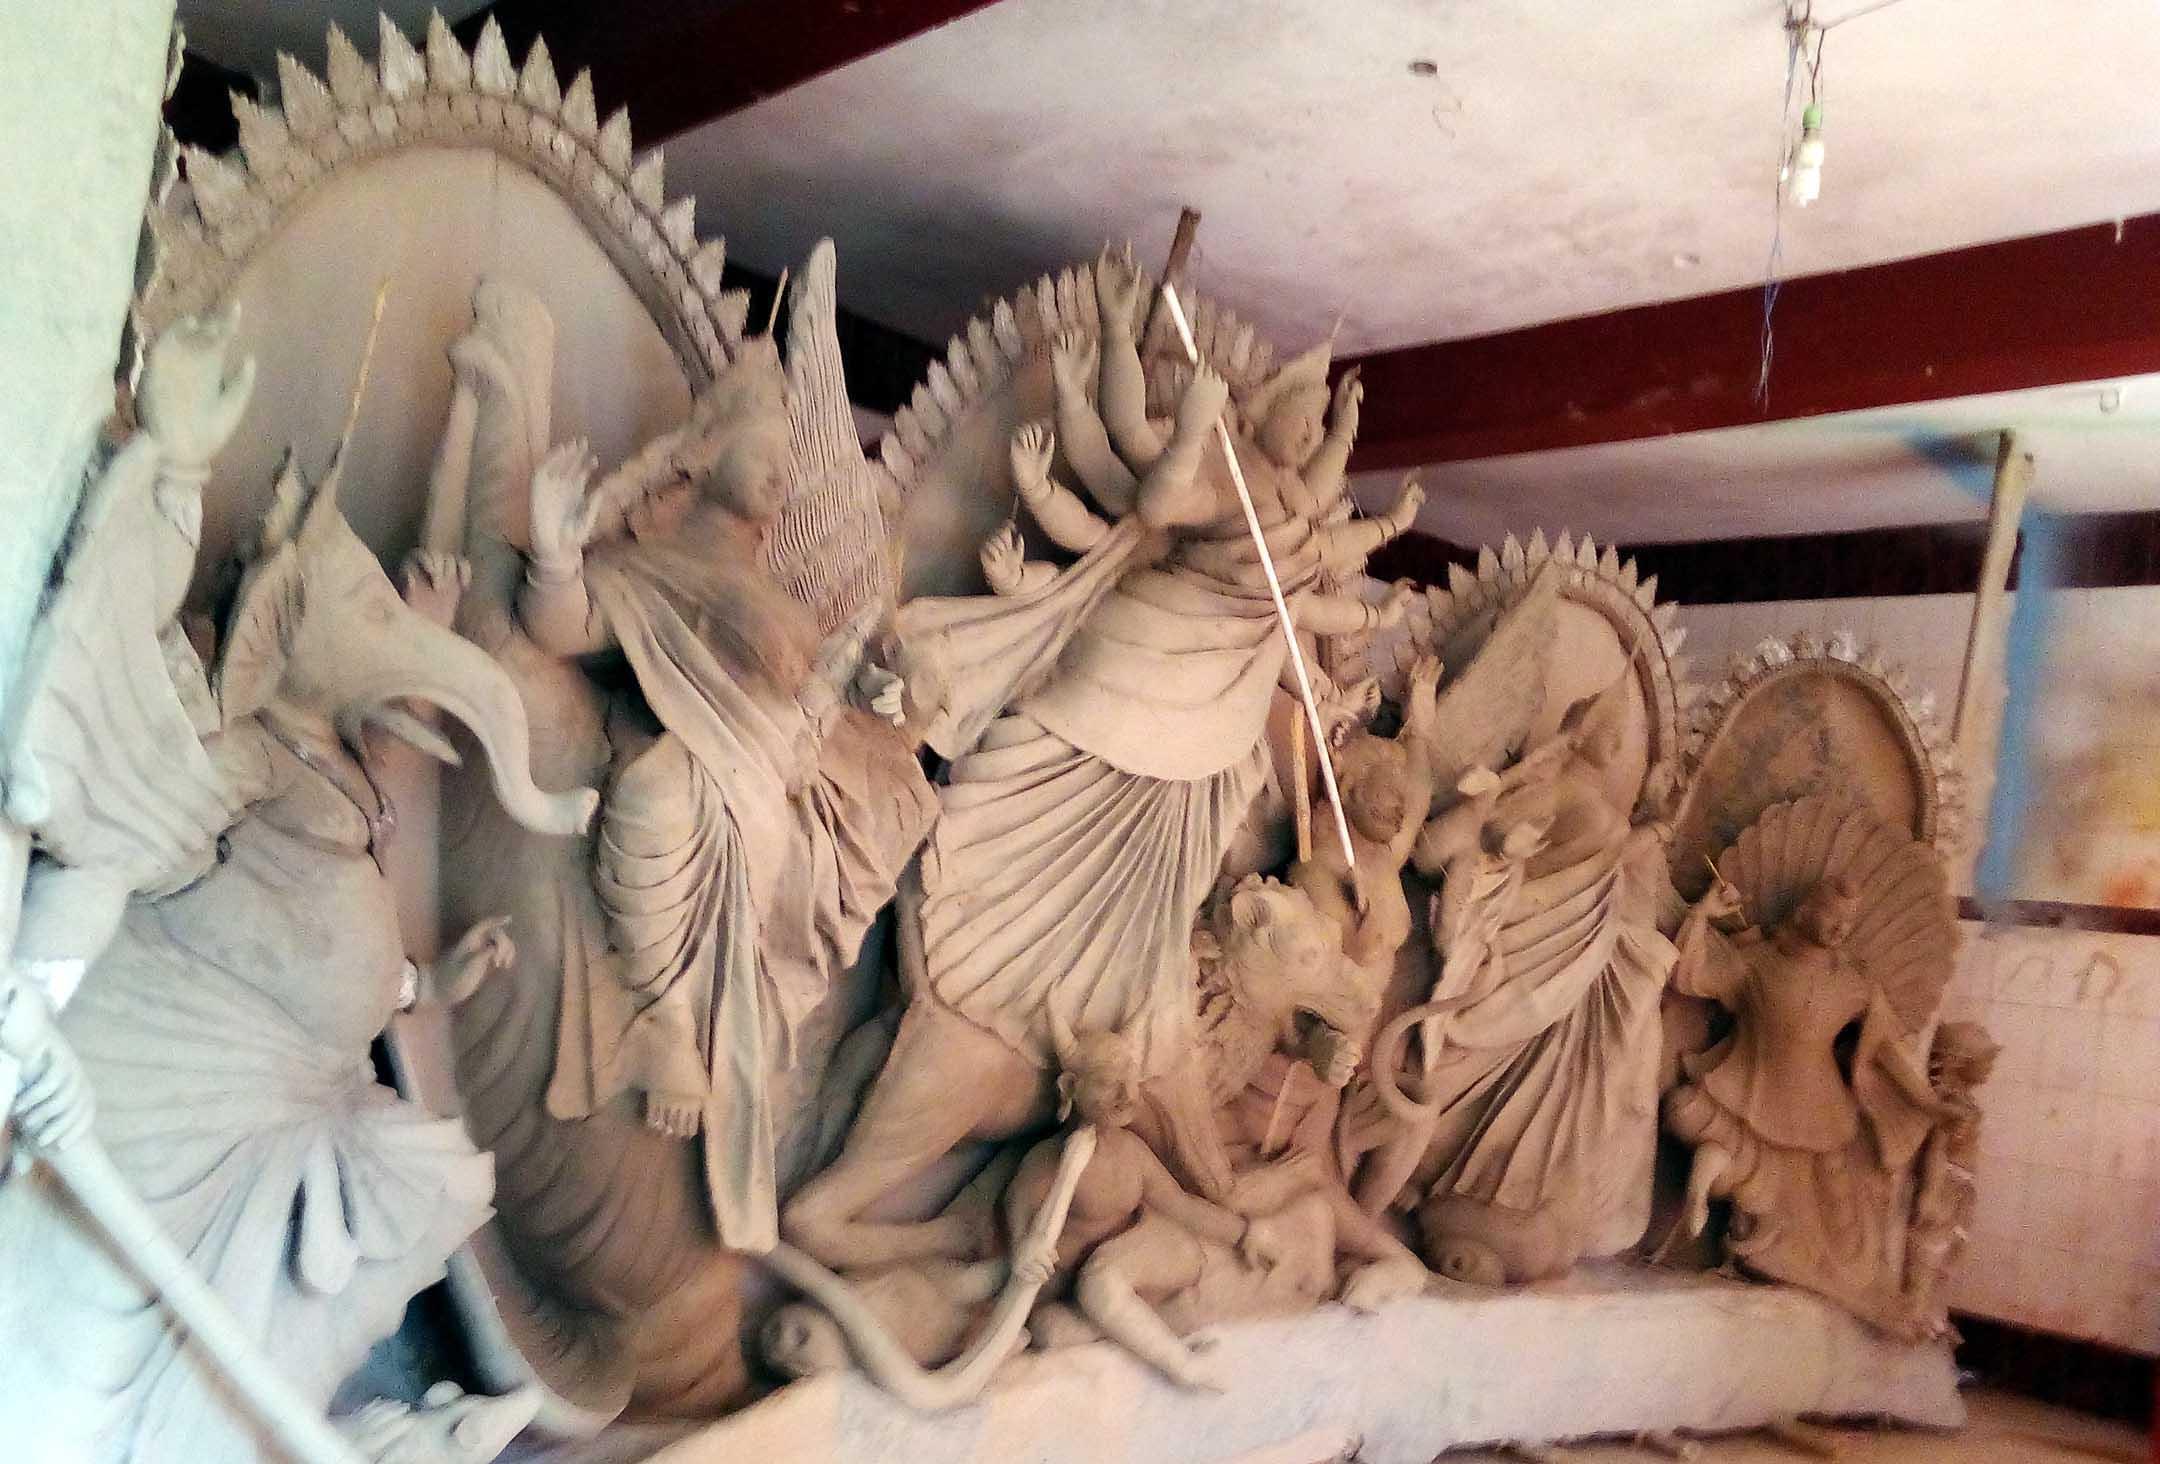 শারদীয় উৎসব: শার্শায় ২৭টি পূজা মন্ডবে চলছে প্রতিমা তৈরির কাজ